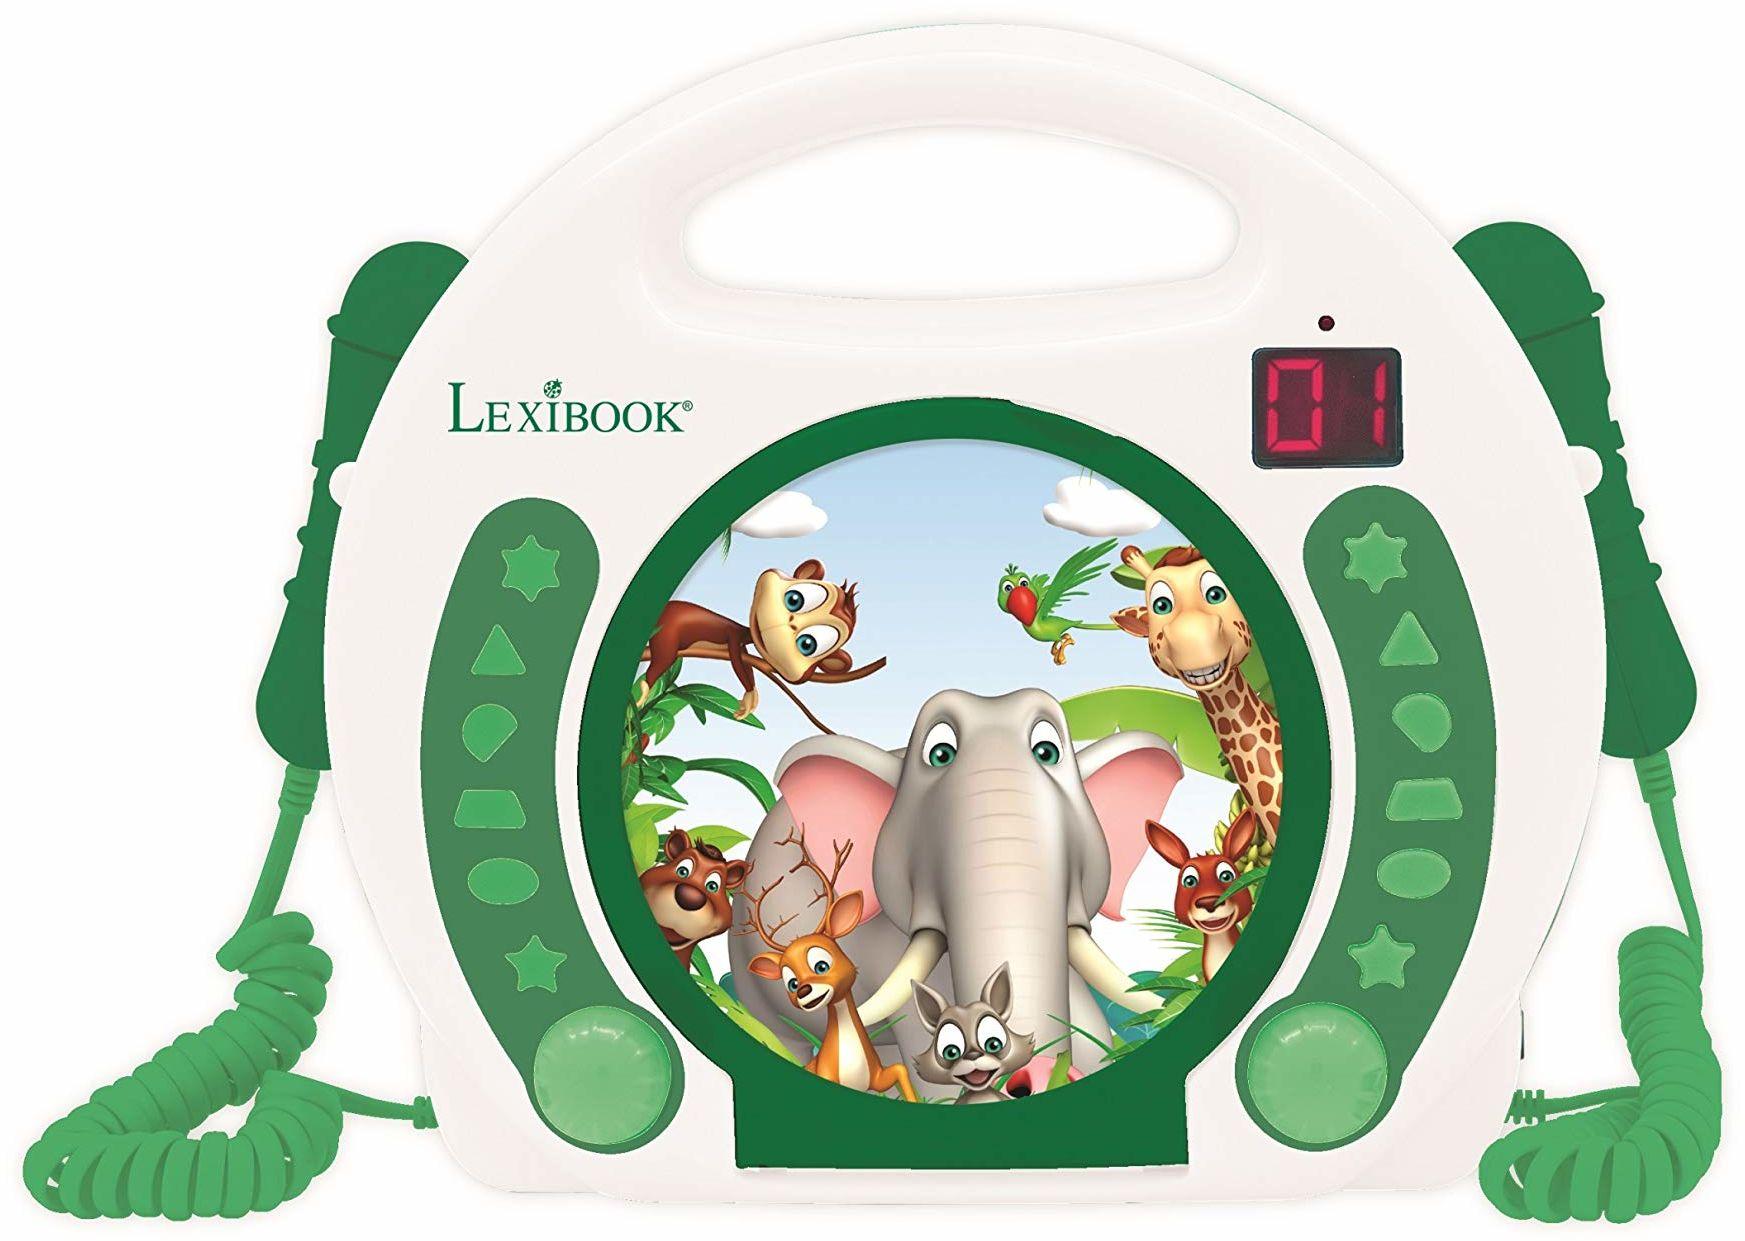 Lexibook RCDK100ANX zwierzęta przenośne mikrofon CD, odtwarzacz muzyczny, powtarzanie i programowanie, dżungla, karaoke, gniazdo słuchawkowe, dla dzieci, chłopców, dziewcząt, biały/zielony